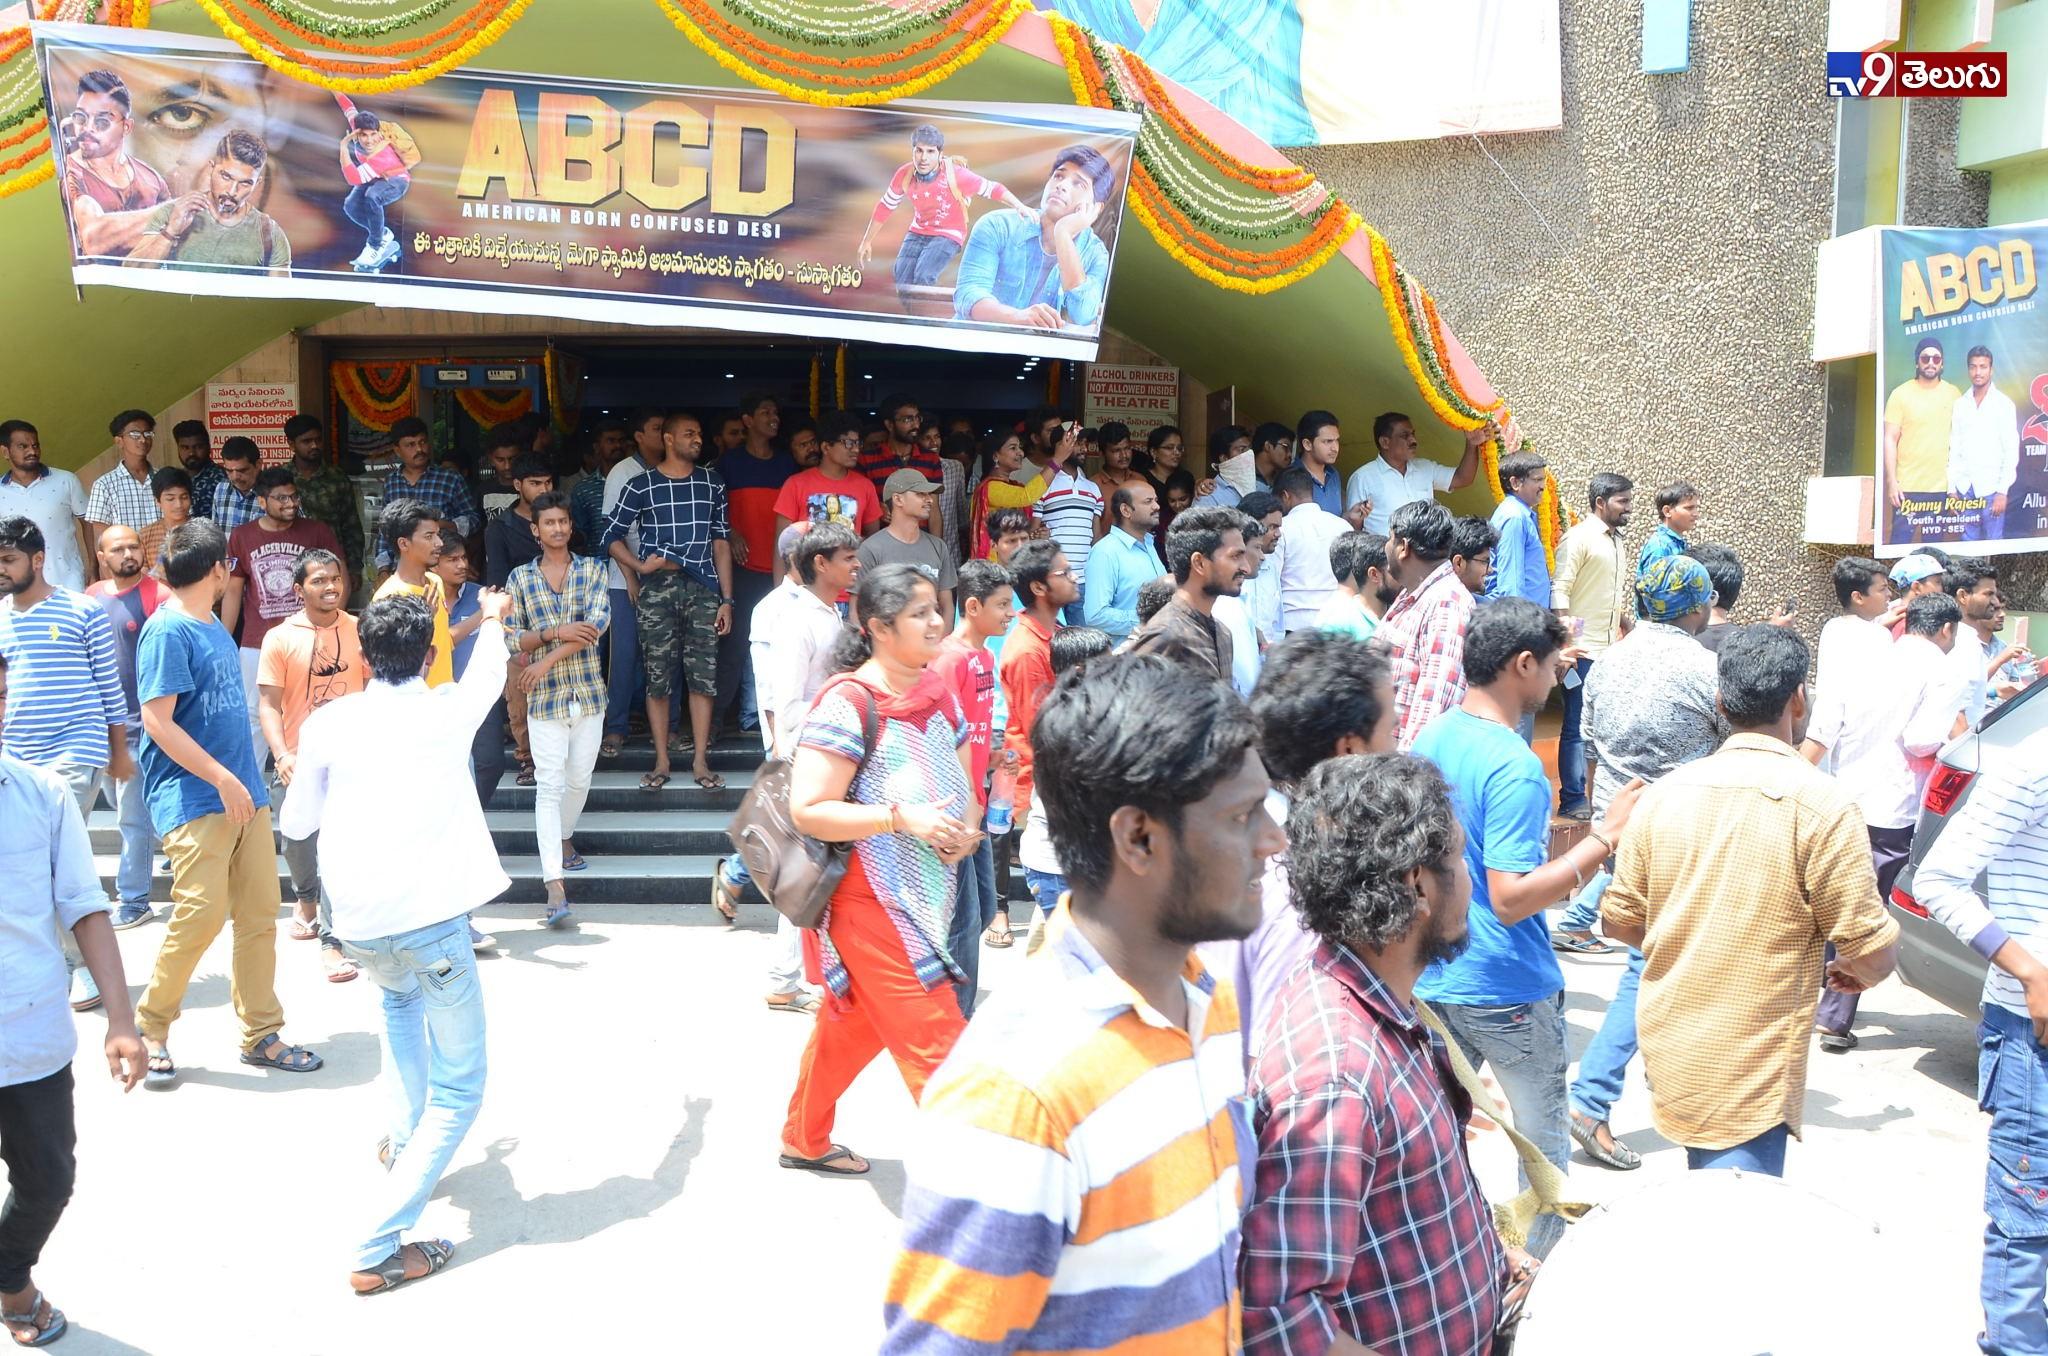 Sandhya Theatre, సంధ్య థియేటర్లో సందడి చేసిన హీరో అల్లు శిరీష్ ఫొటోస్